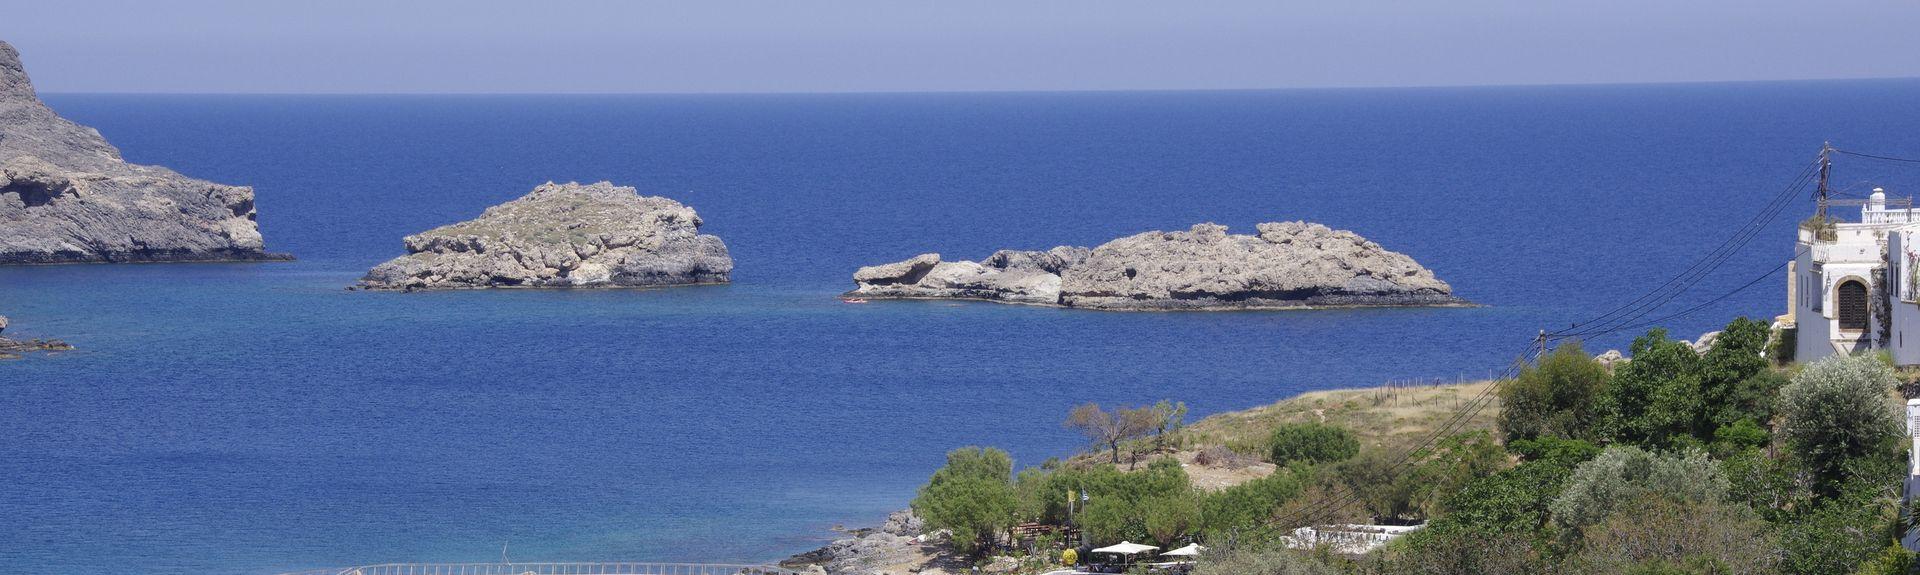 Ialysos, Greece